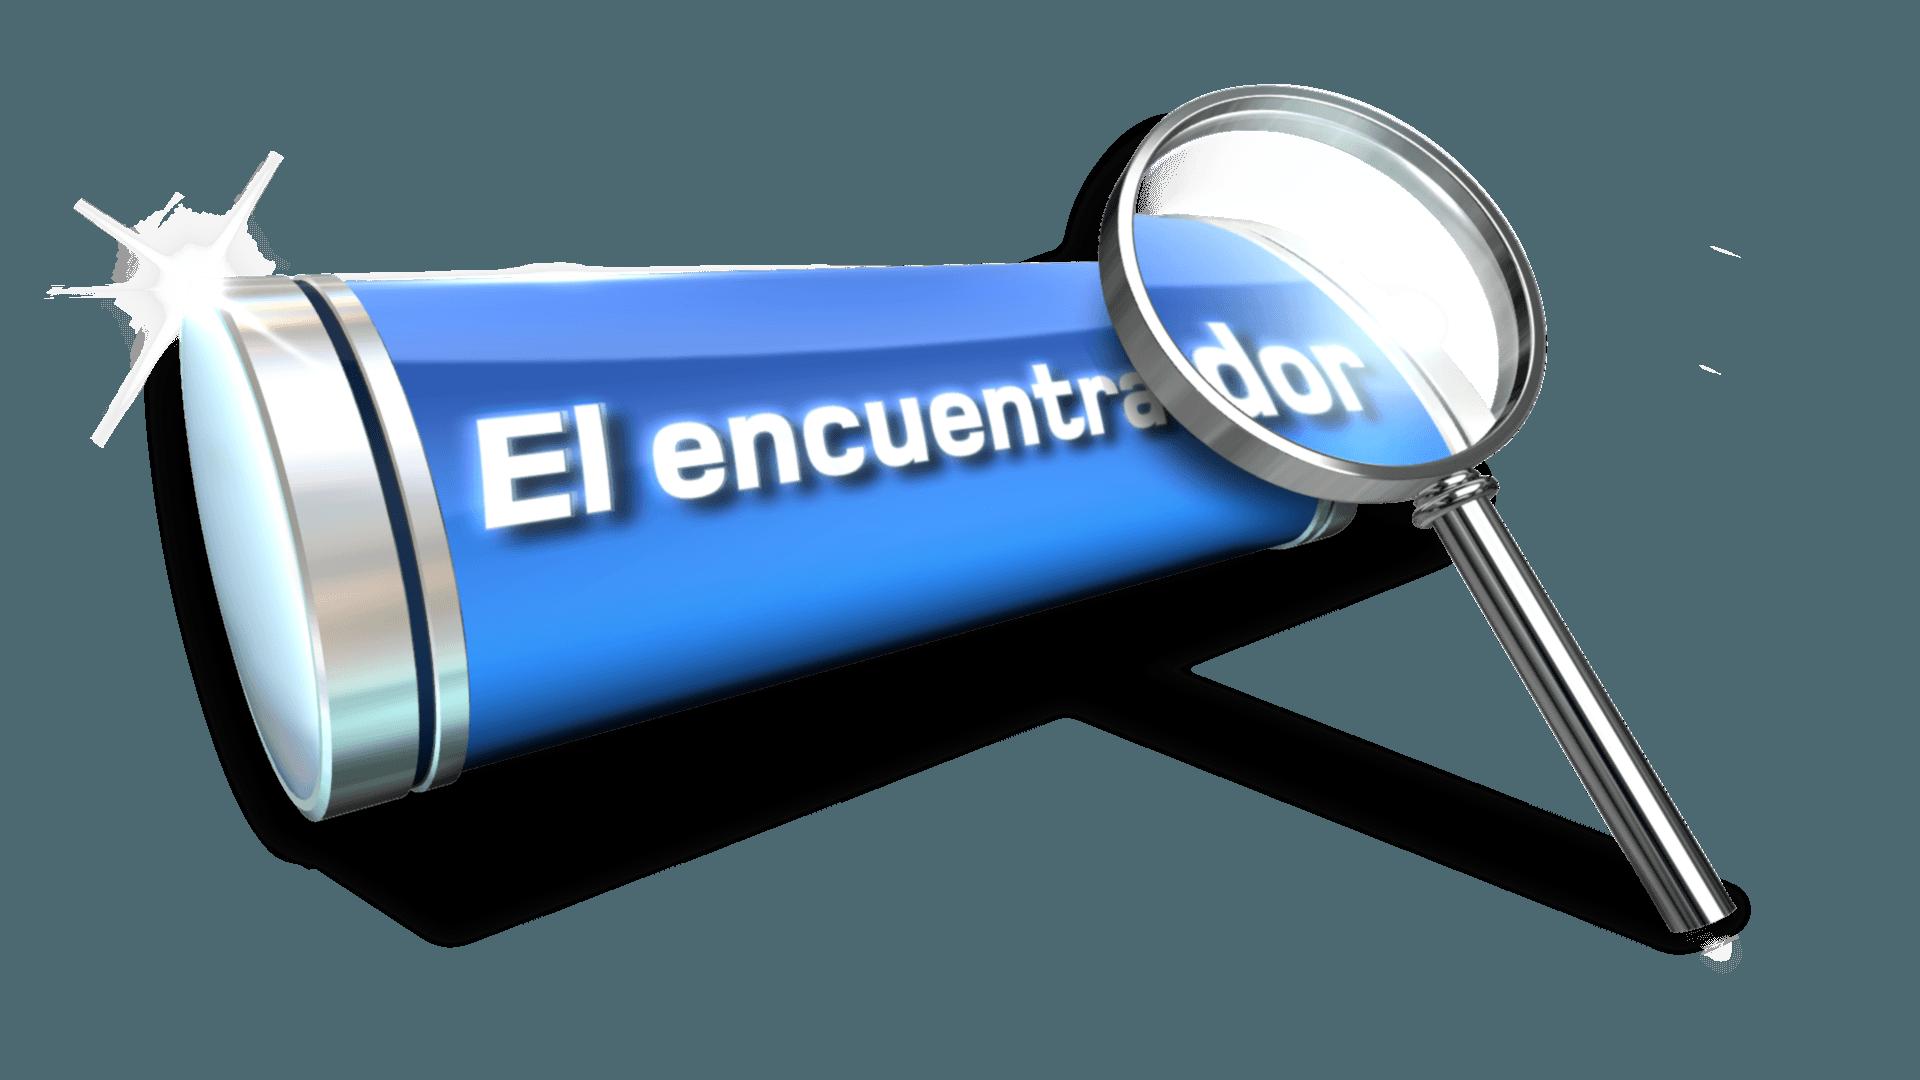 El Encuentrador rediseñado y los enlaces recuperados